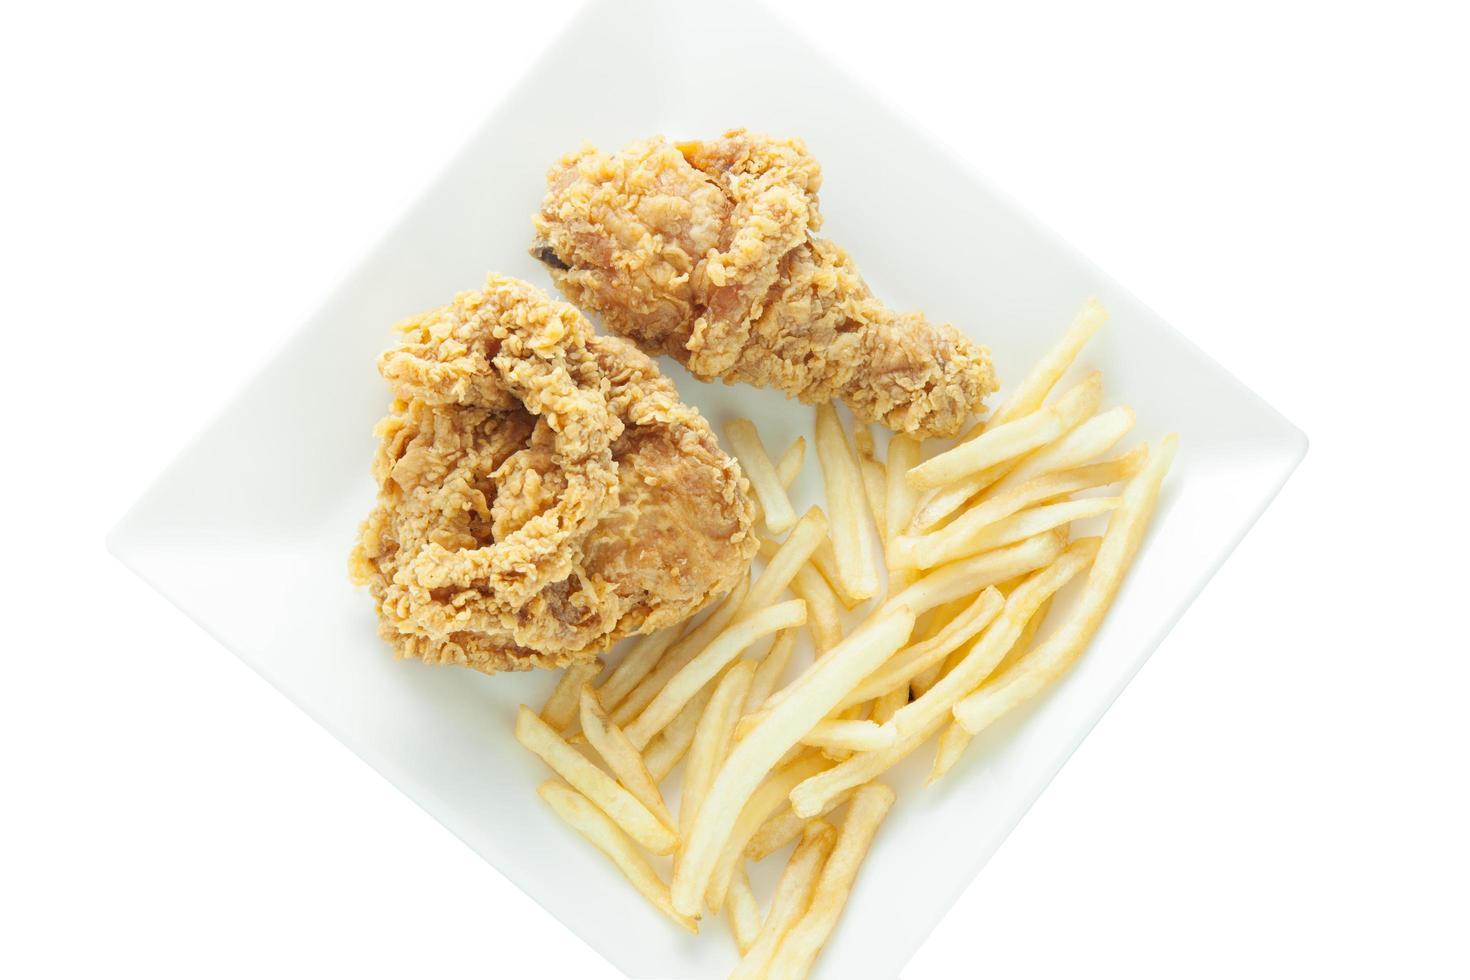 poulet frit et frites photo